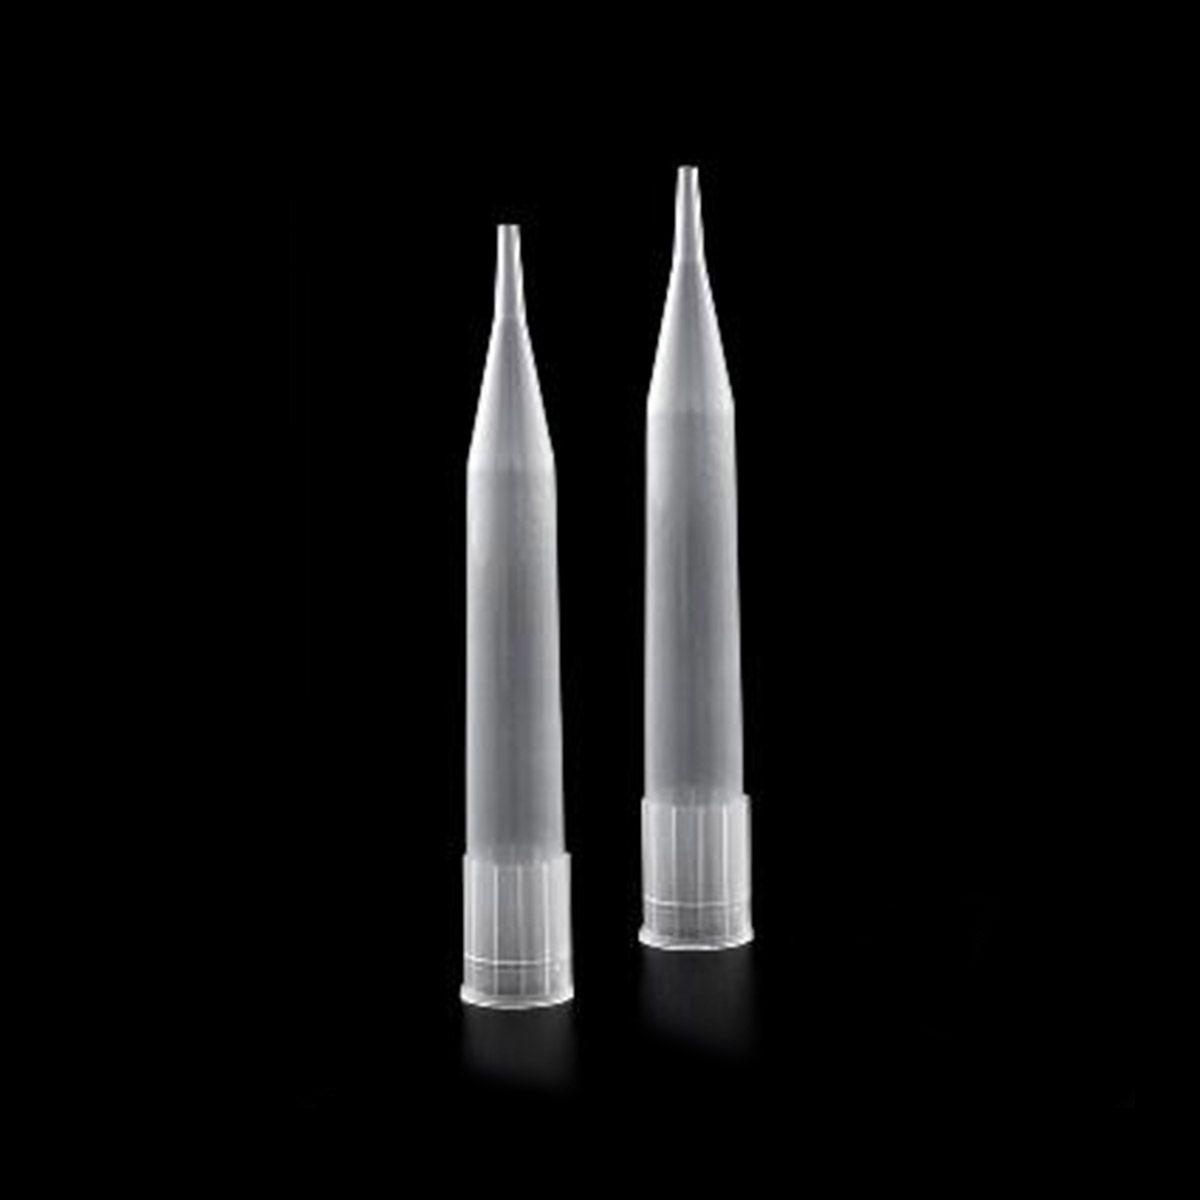 Ponteira Modelo Gilson até 5ml - 300 Unidades